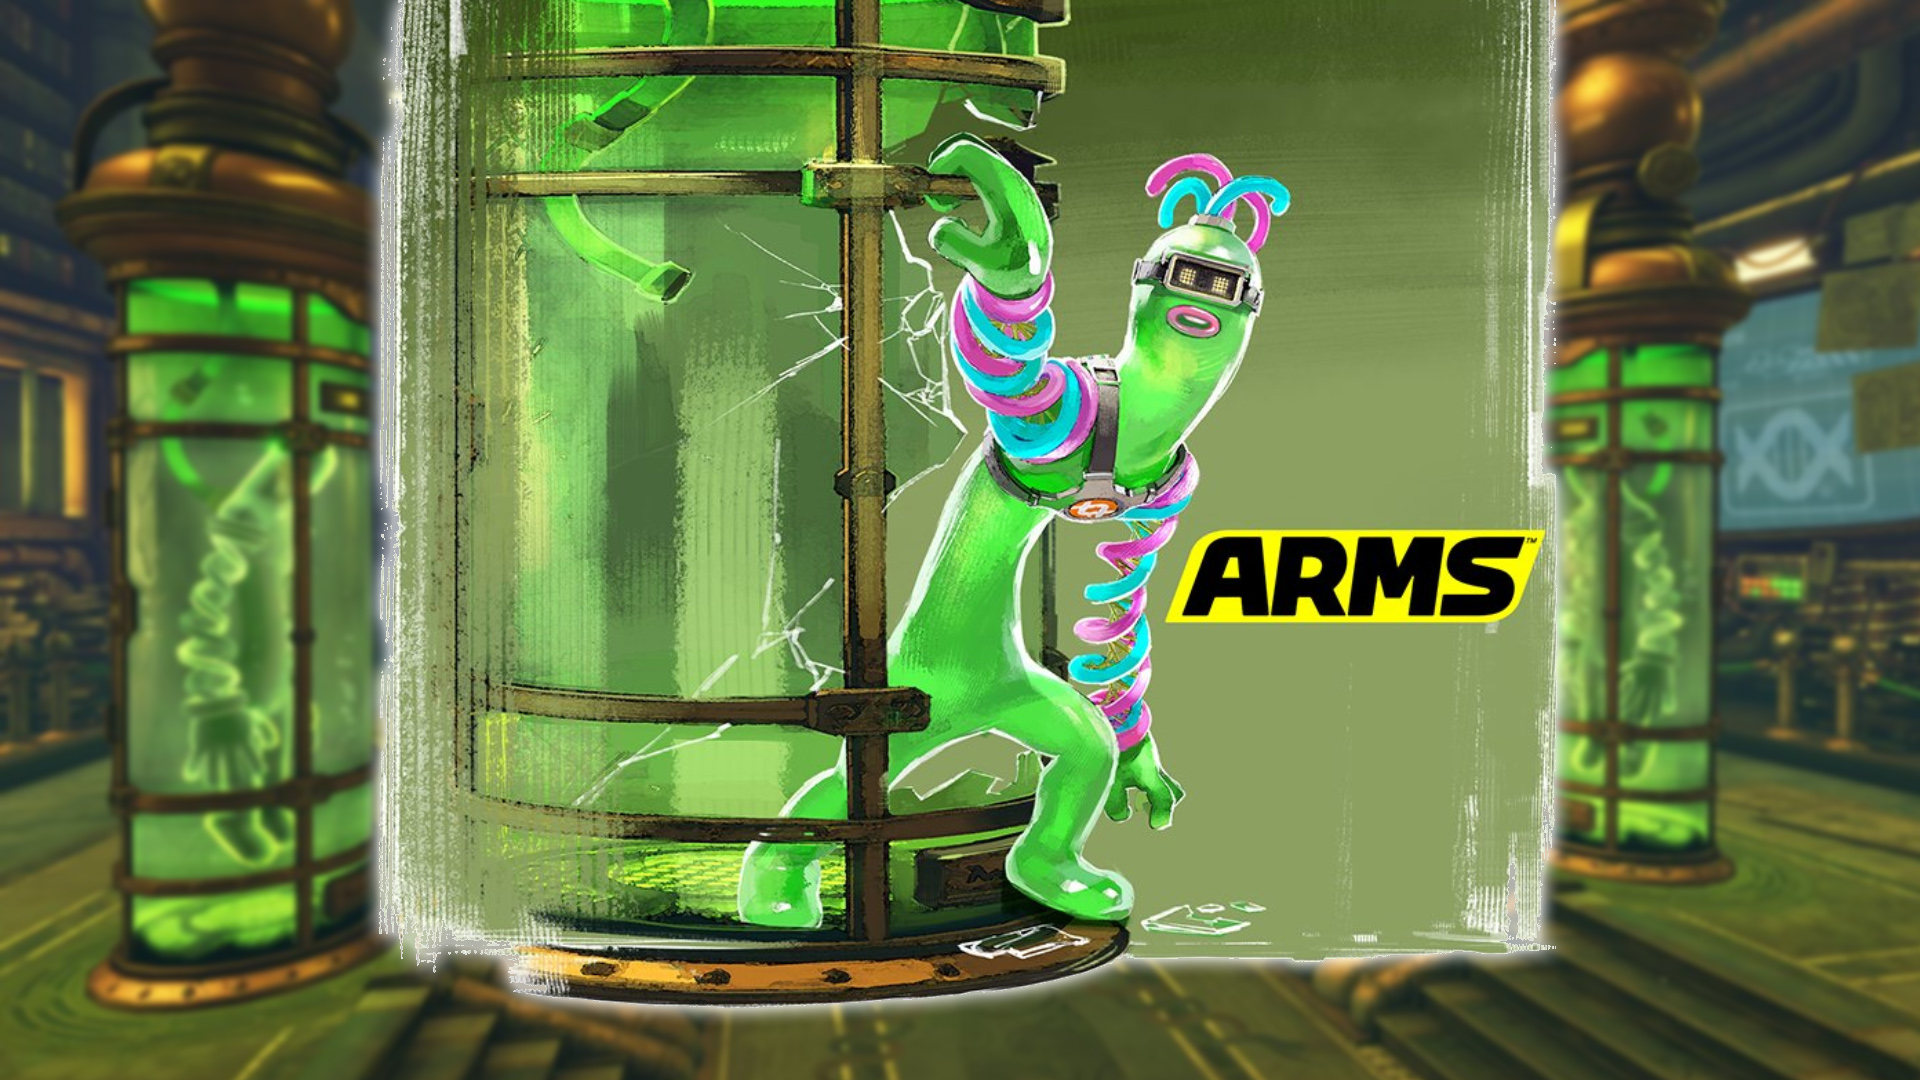 arms_chara_dnaman